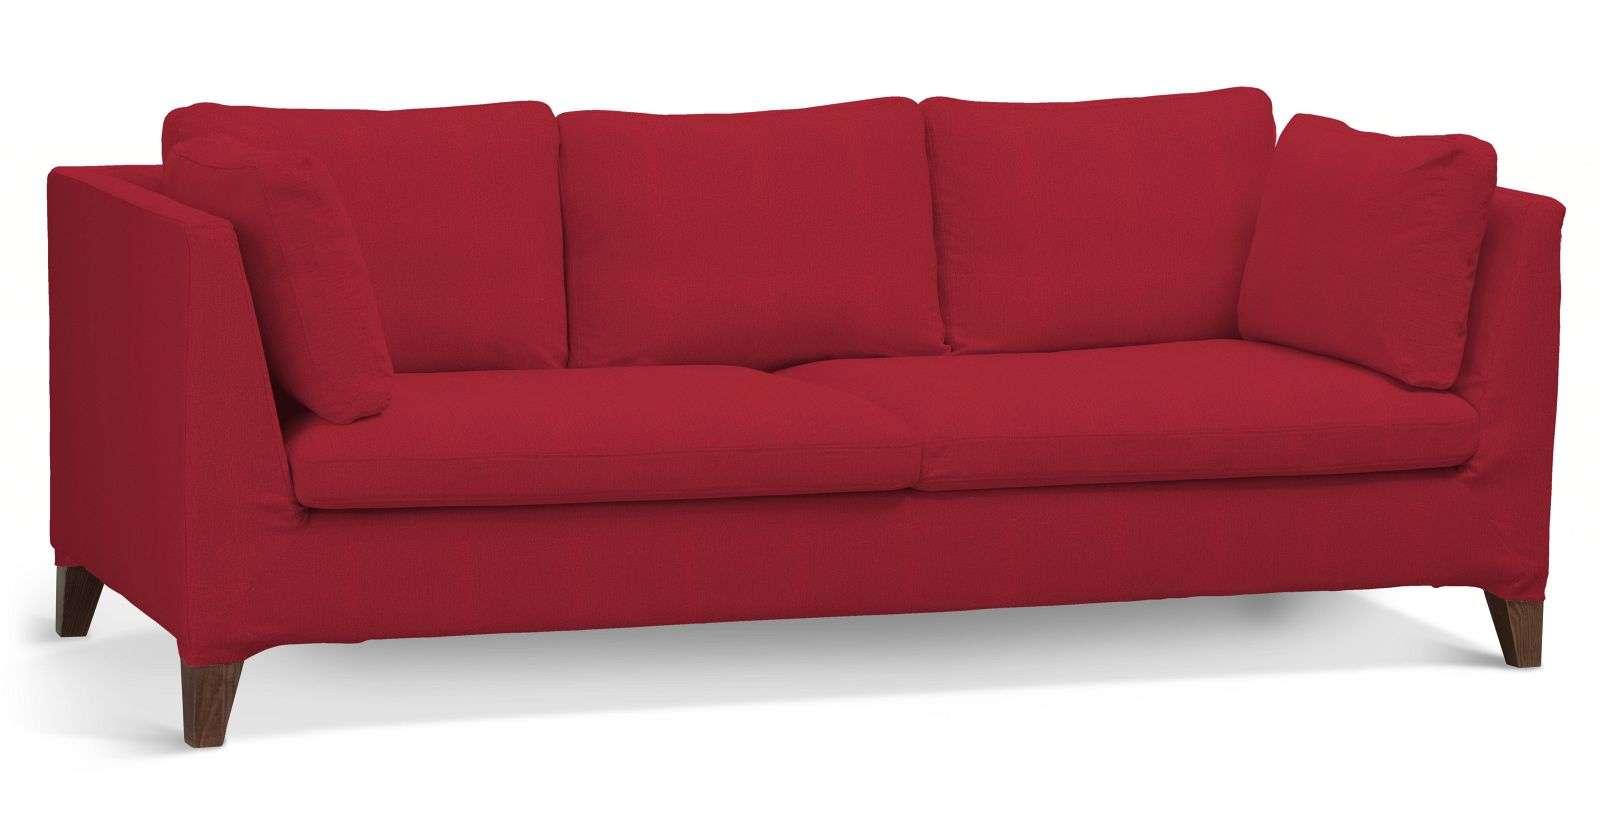 Pokrowiec na sofę Stockholm 3-osobową sofa Stockholm 3-osobowa w kolekcji Chenille, tkanina: 702-24